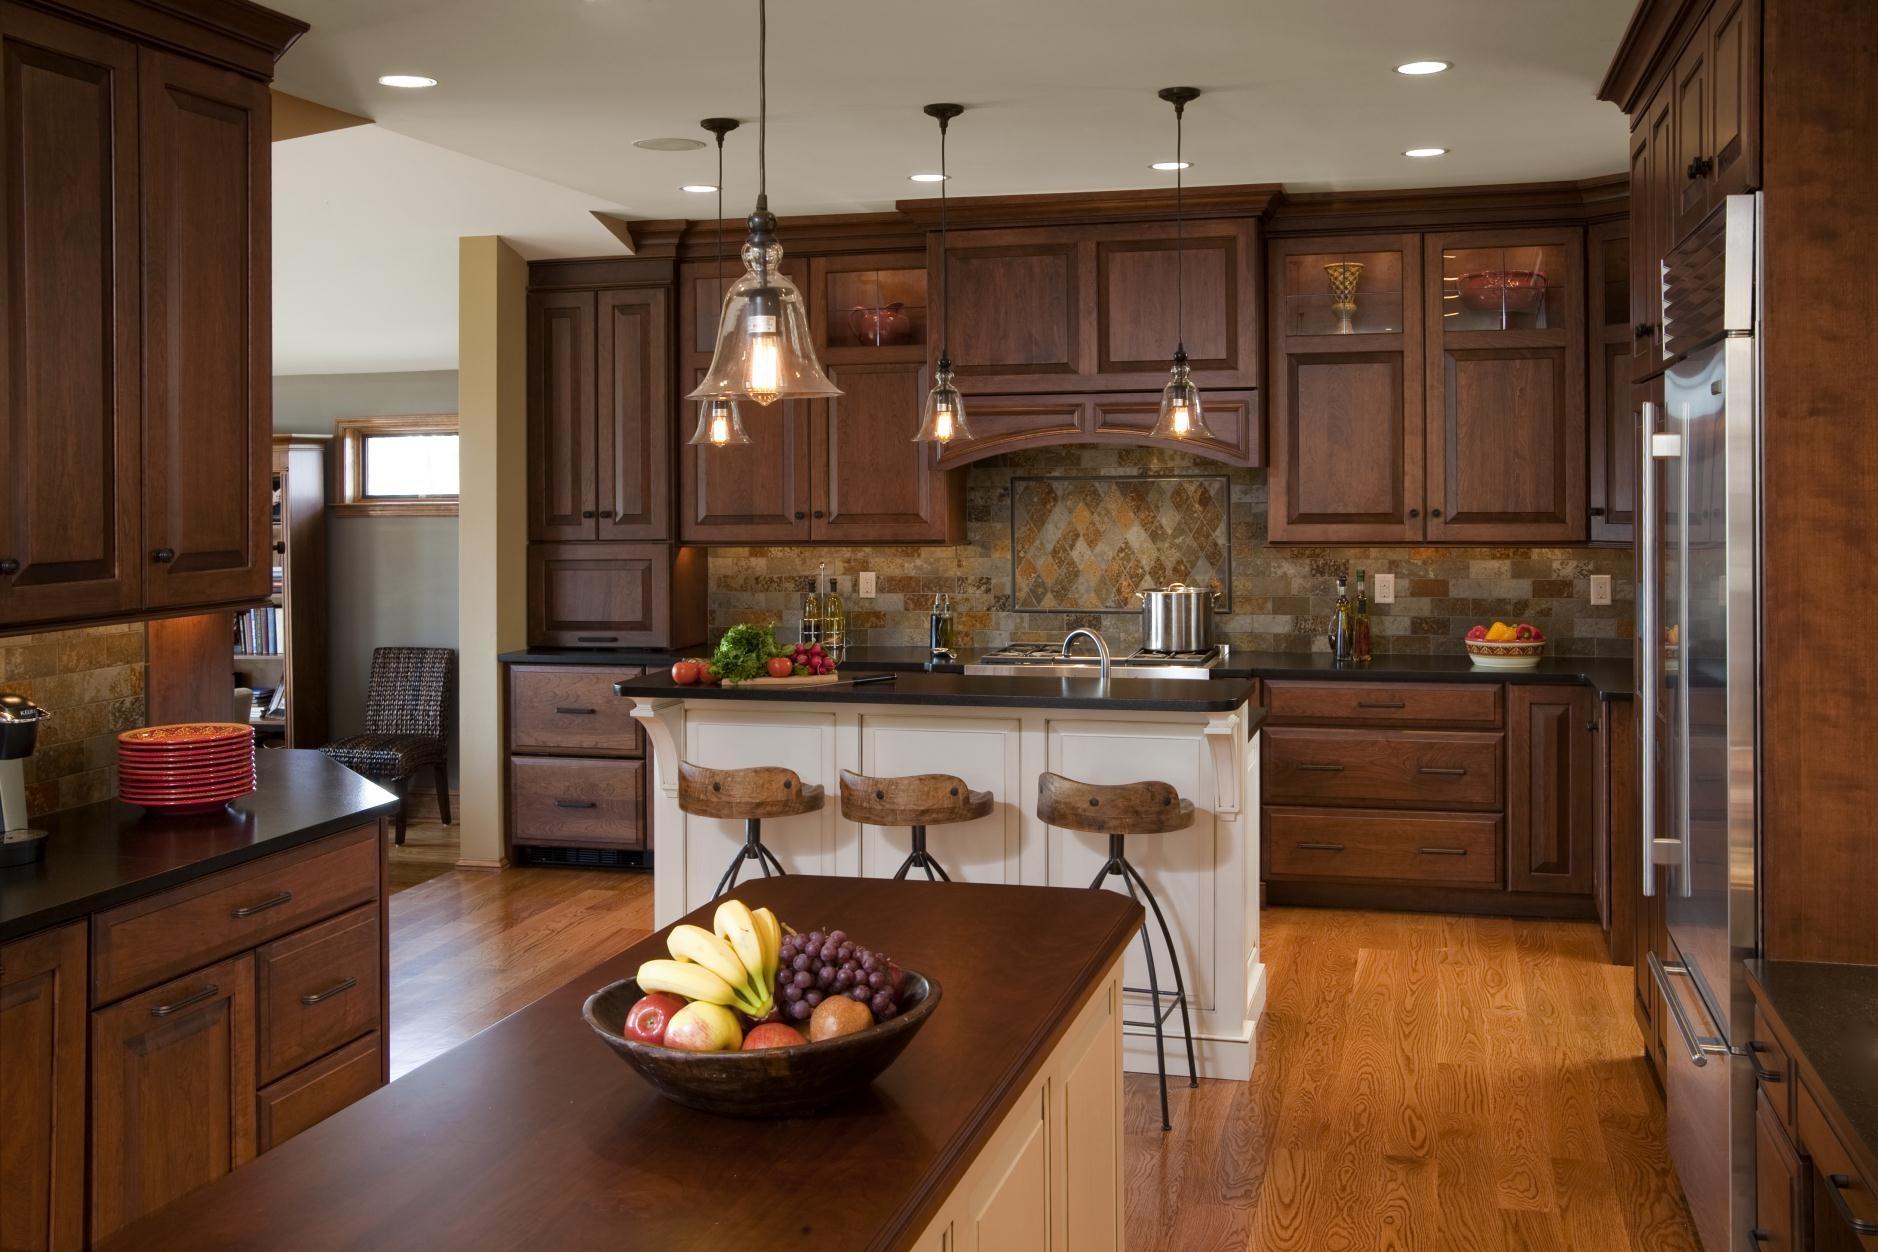 kitchen_8.jpg